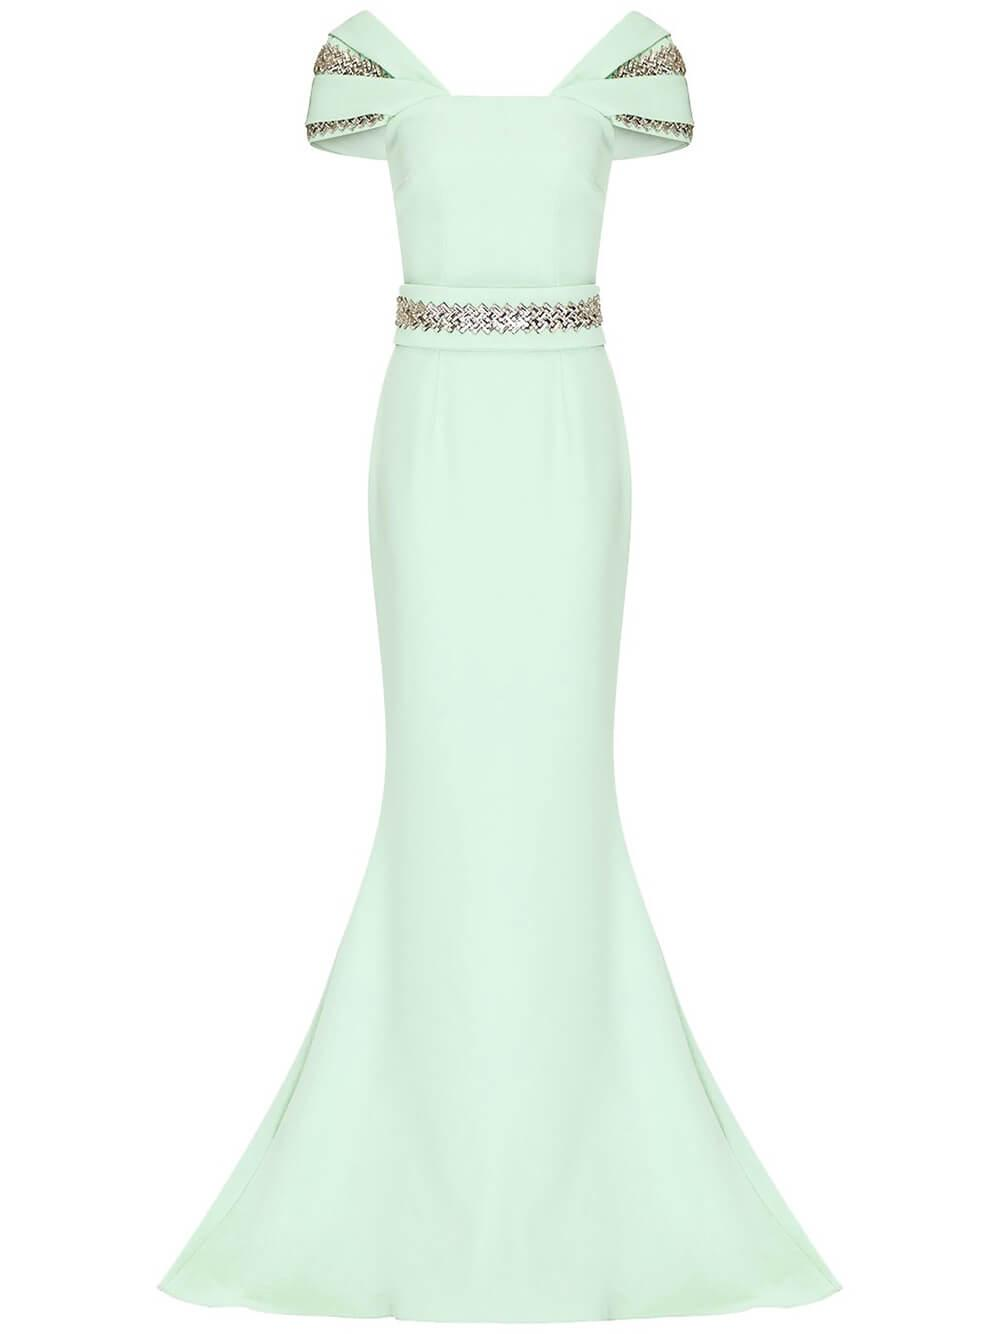 Abigail Gown Item # DL445-1E20